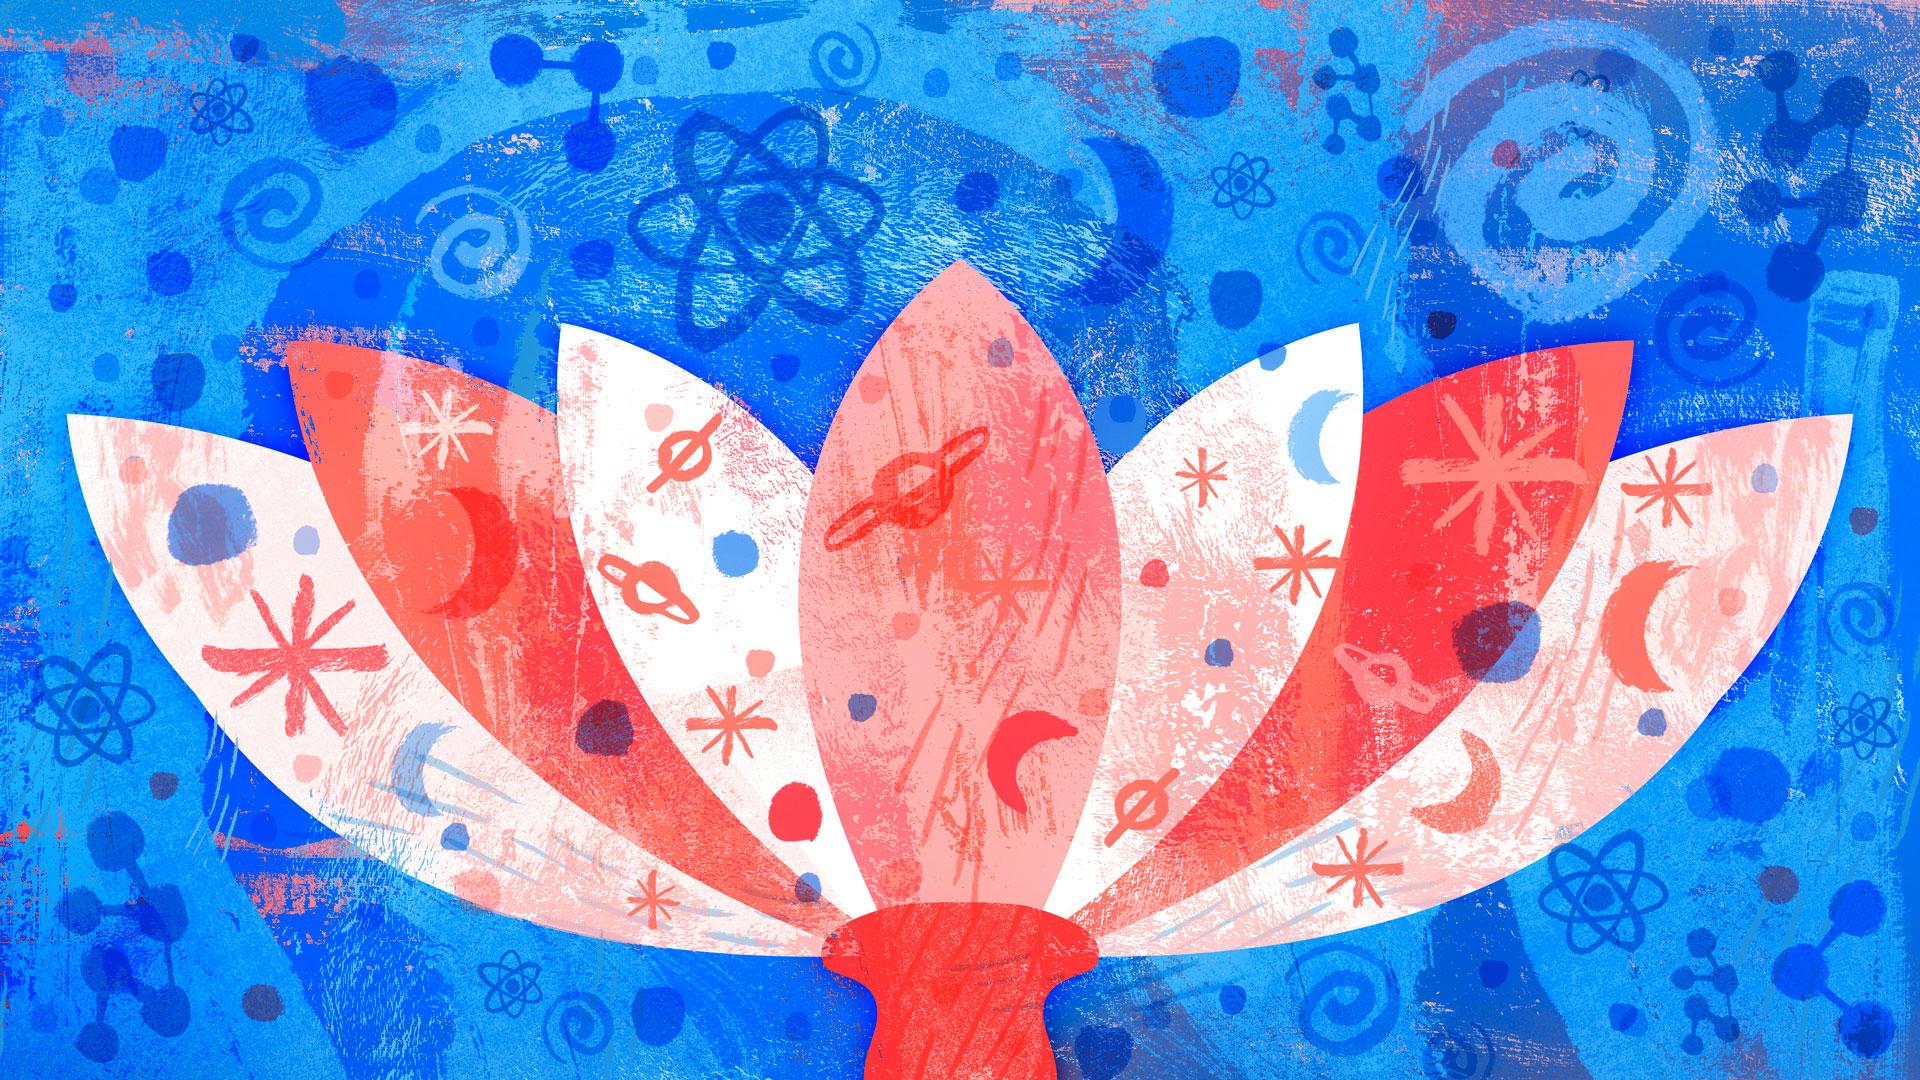 Emergent reductionism flower